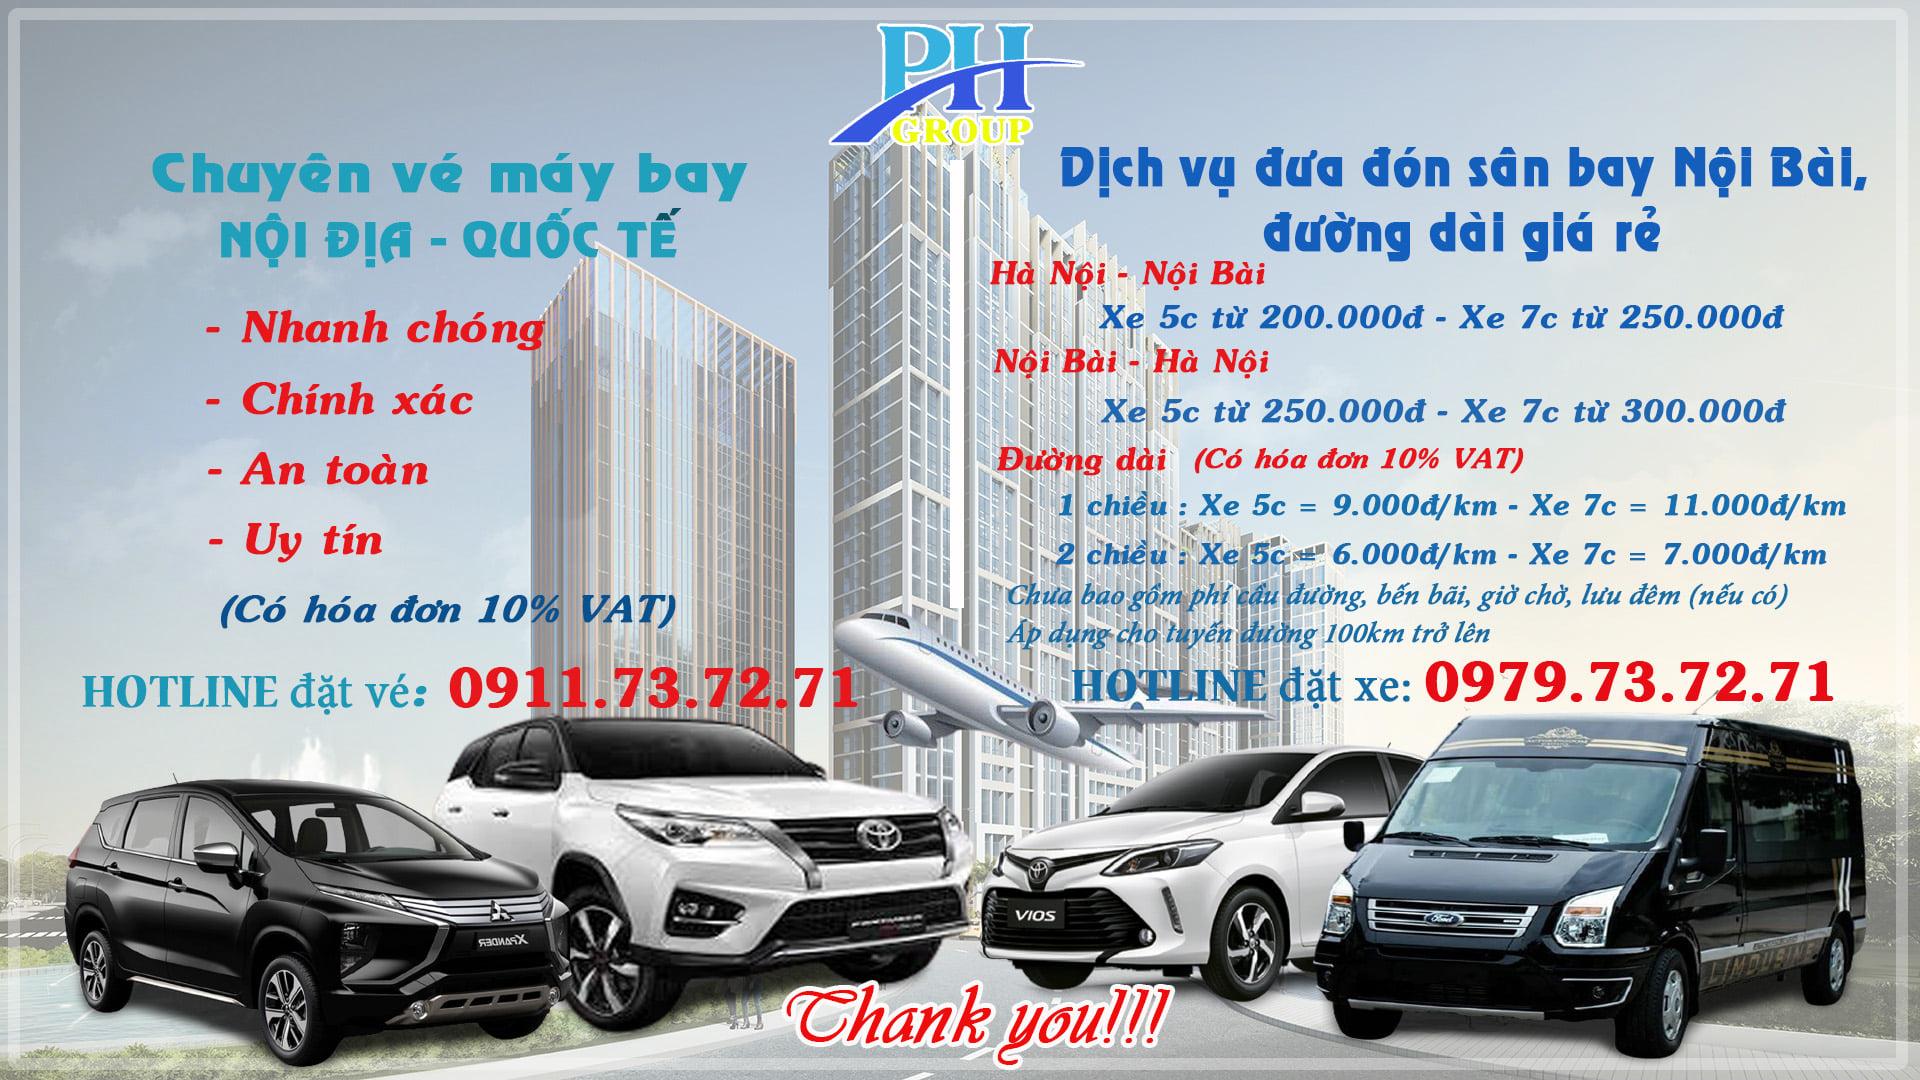 Đặt Taxi Nội Bài đi ra sân bay ở đâu?